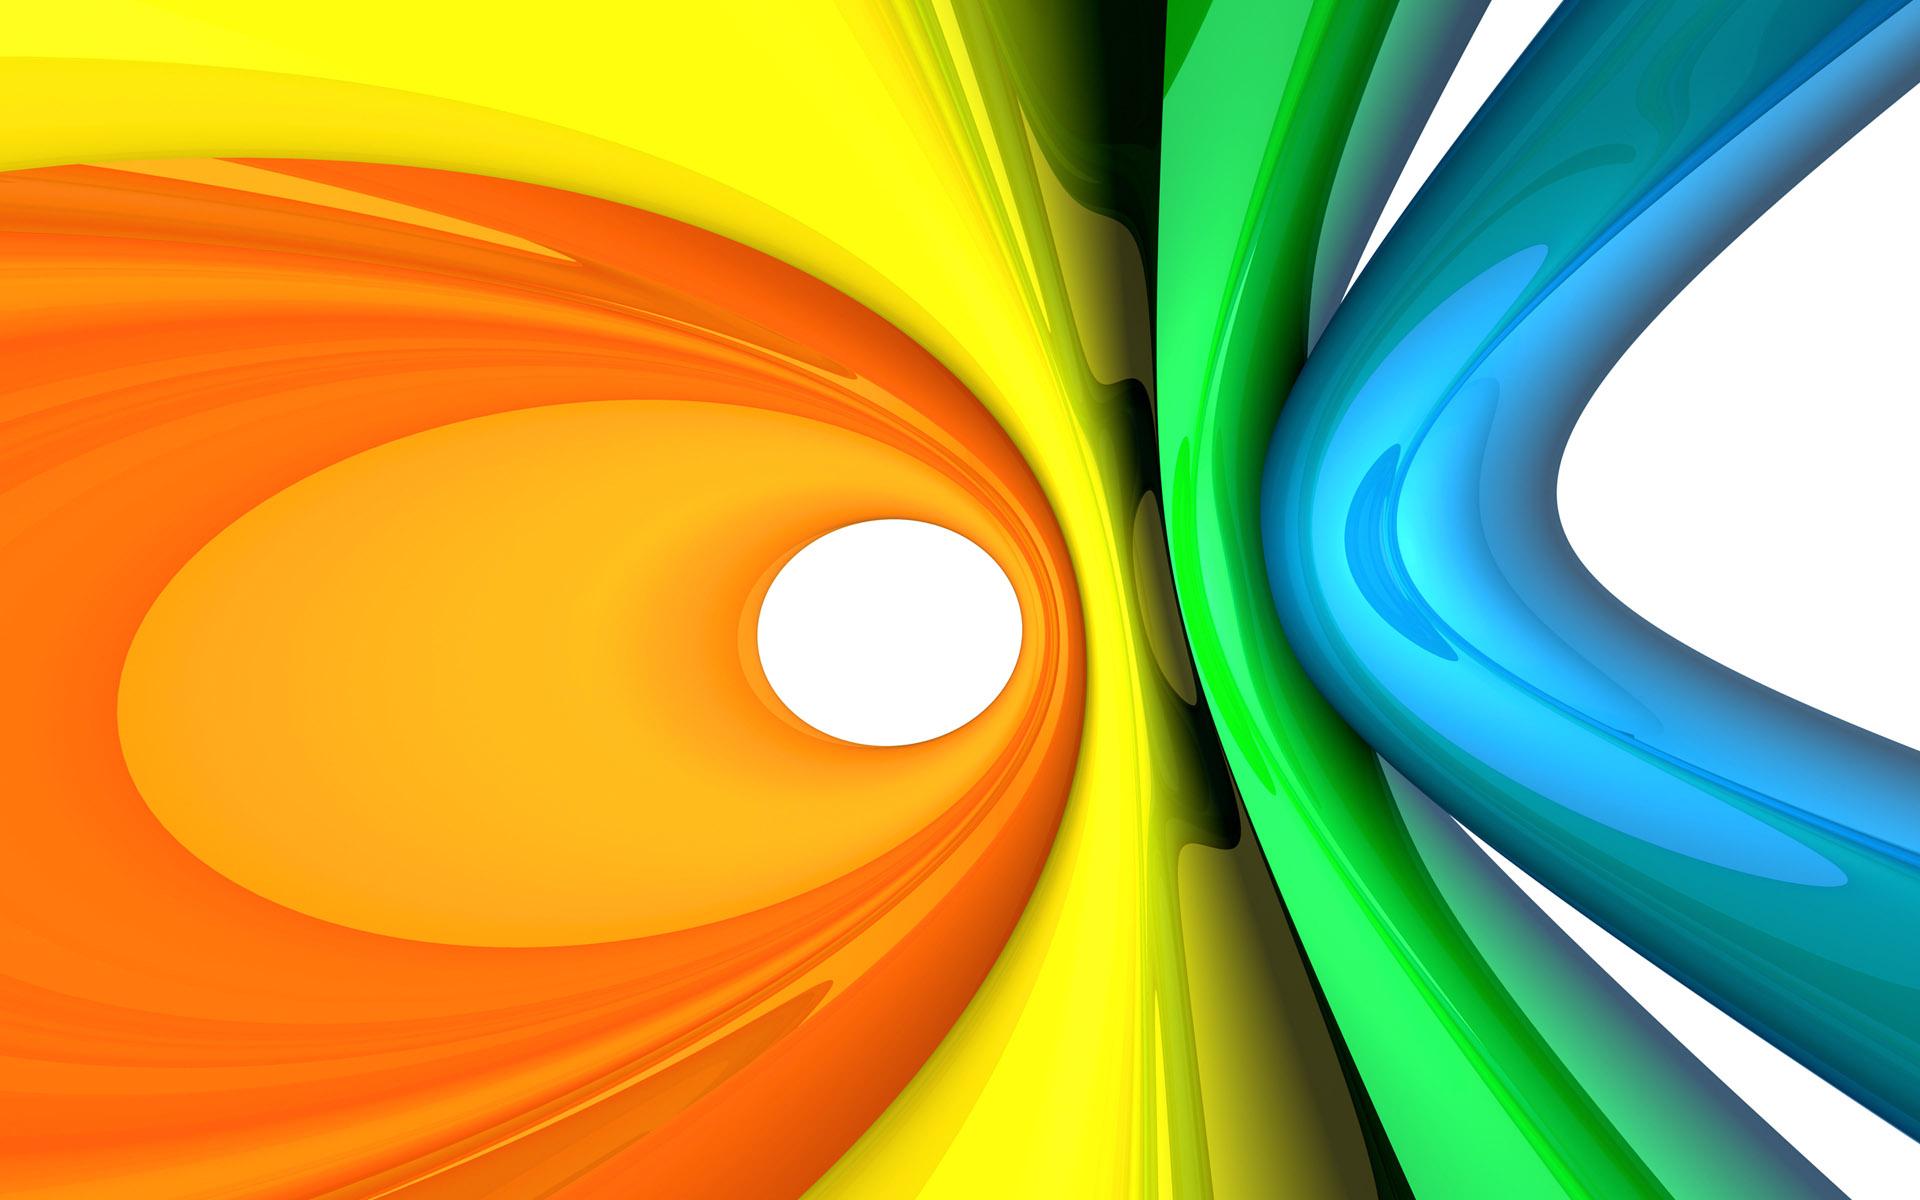 Foto abstracta en naranja y amarillo - Amarillo naranja ...